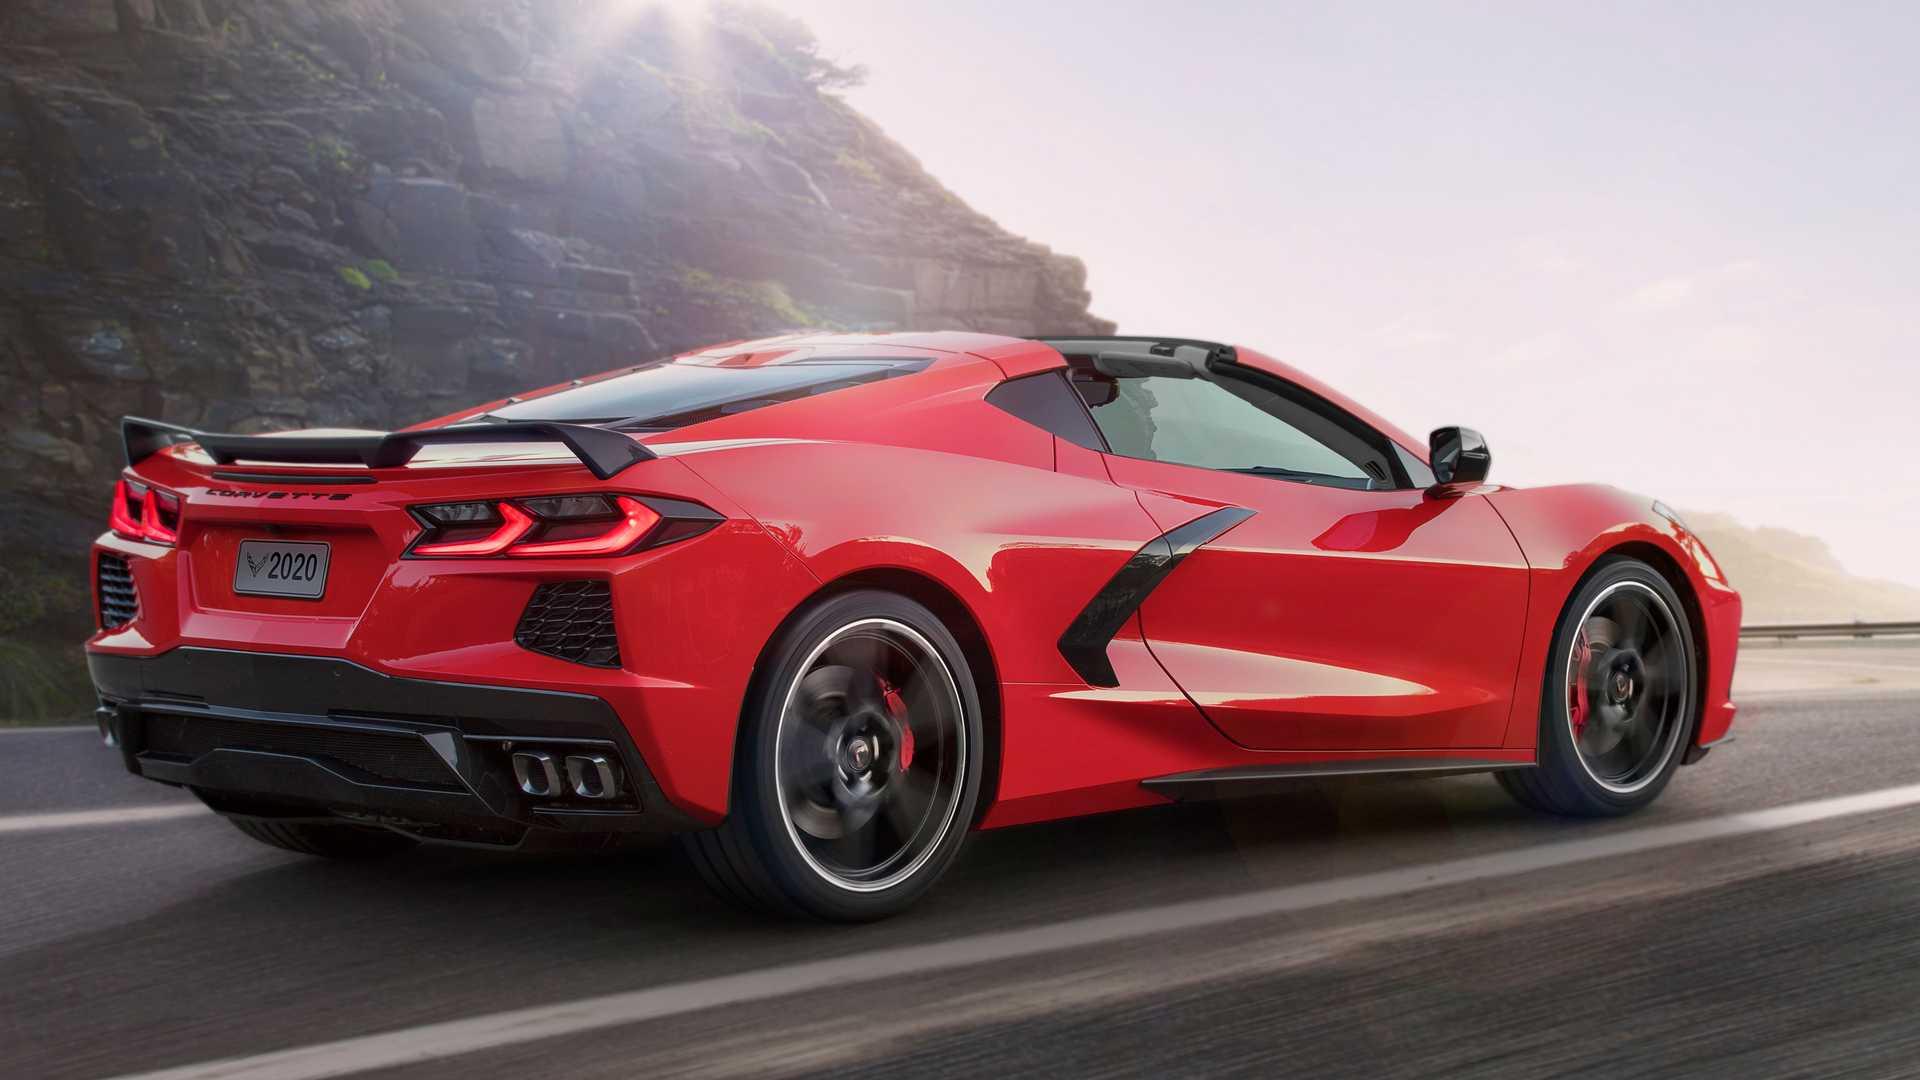 2020-chevrolet-corvette-stingray-6.jpg